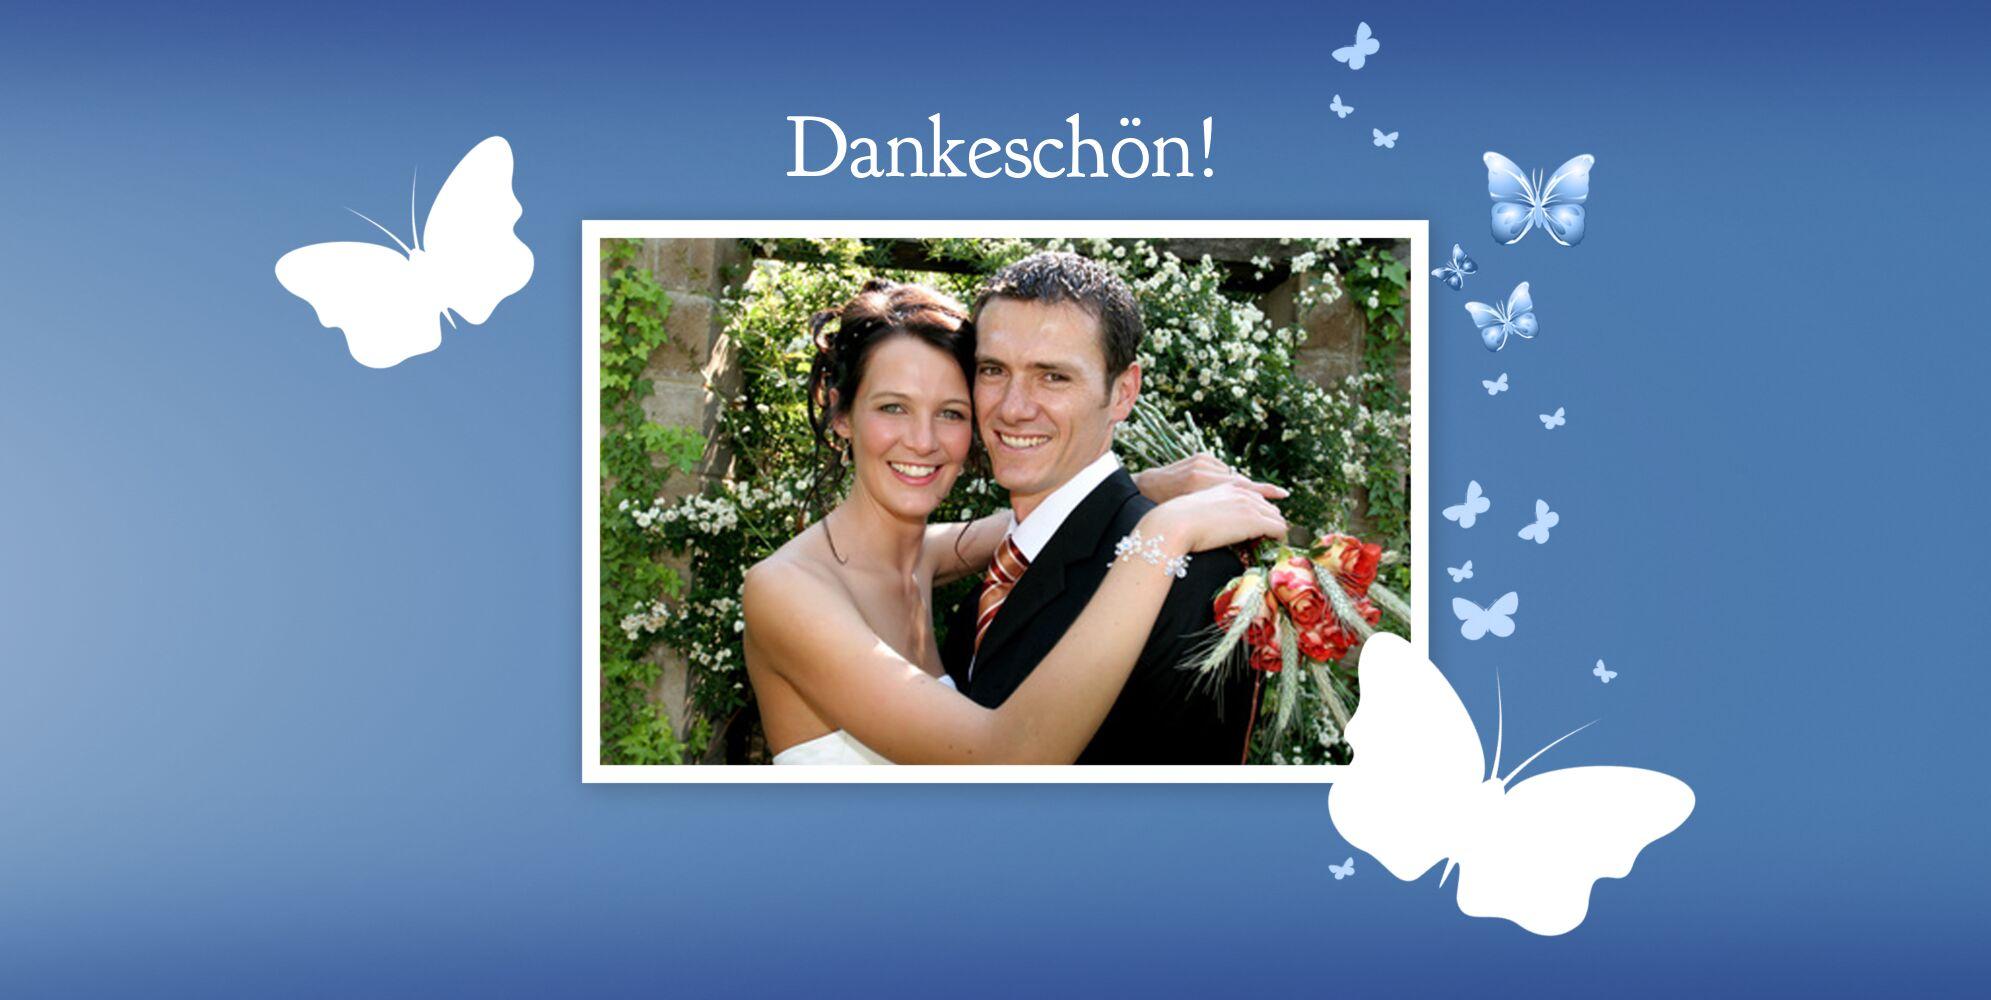 Ansicht 4 - Hochzeit Dankeskarte Traumpaar